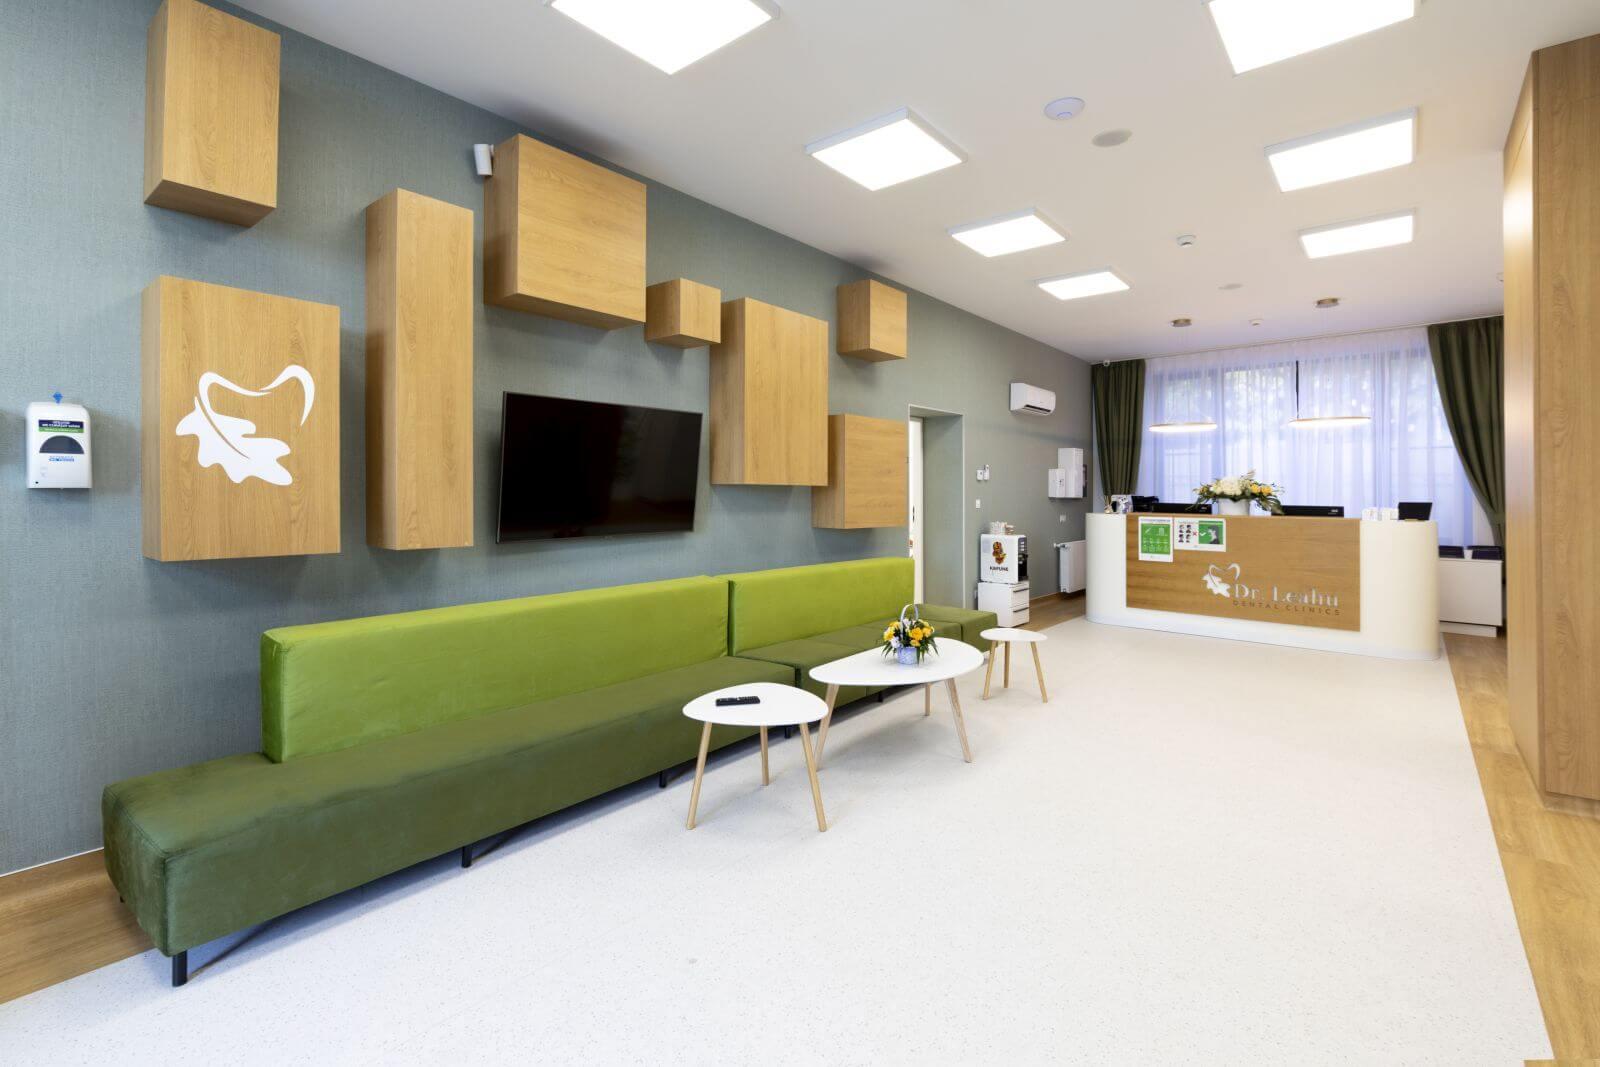 Recepția și sala de așteptare din Clinica stomatologica Dr. Leahu Galați